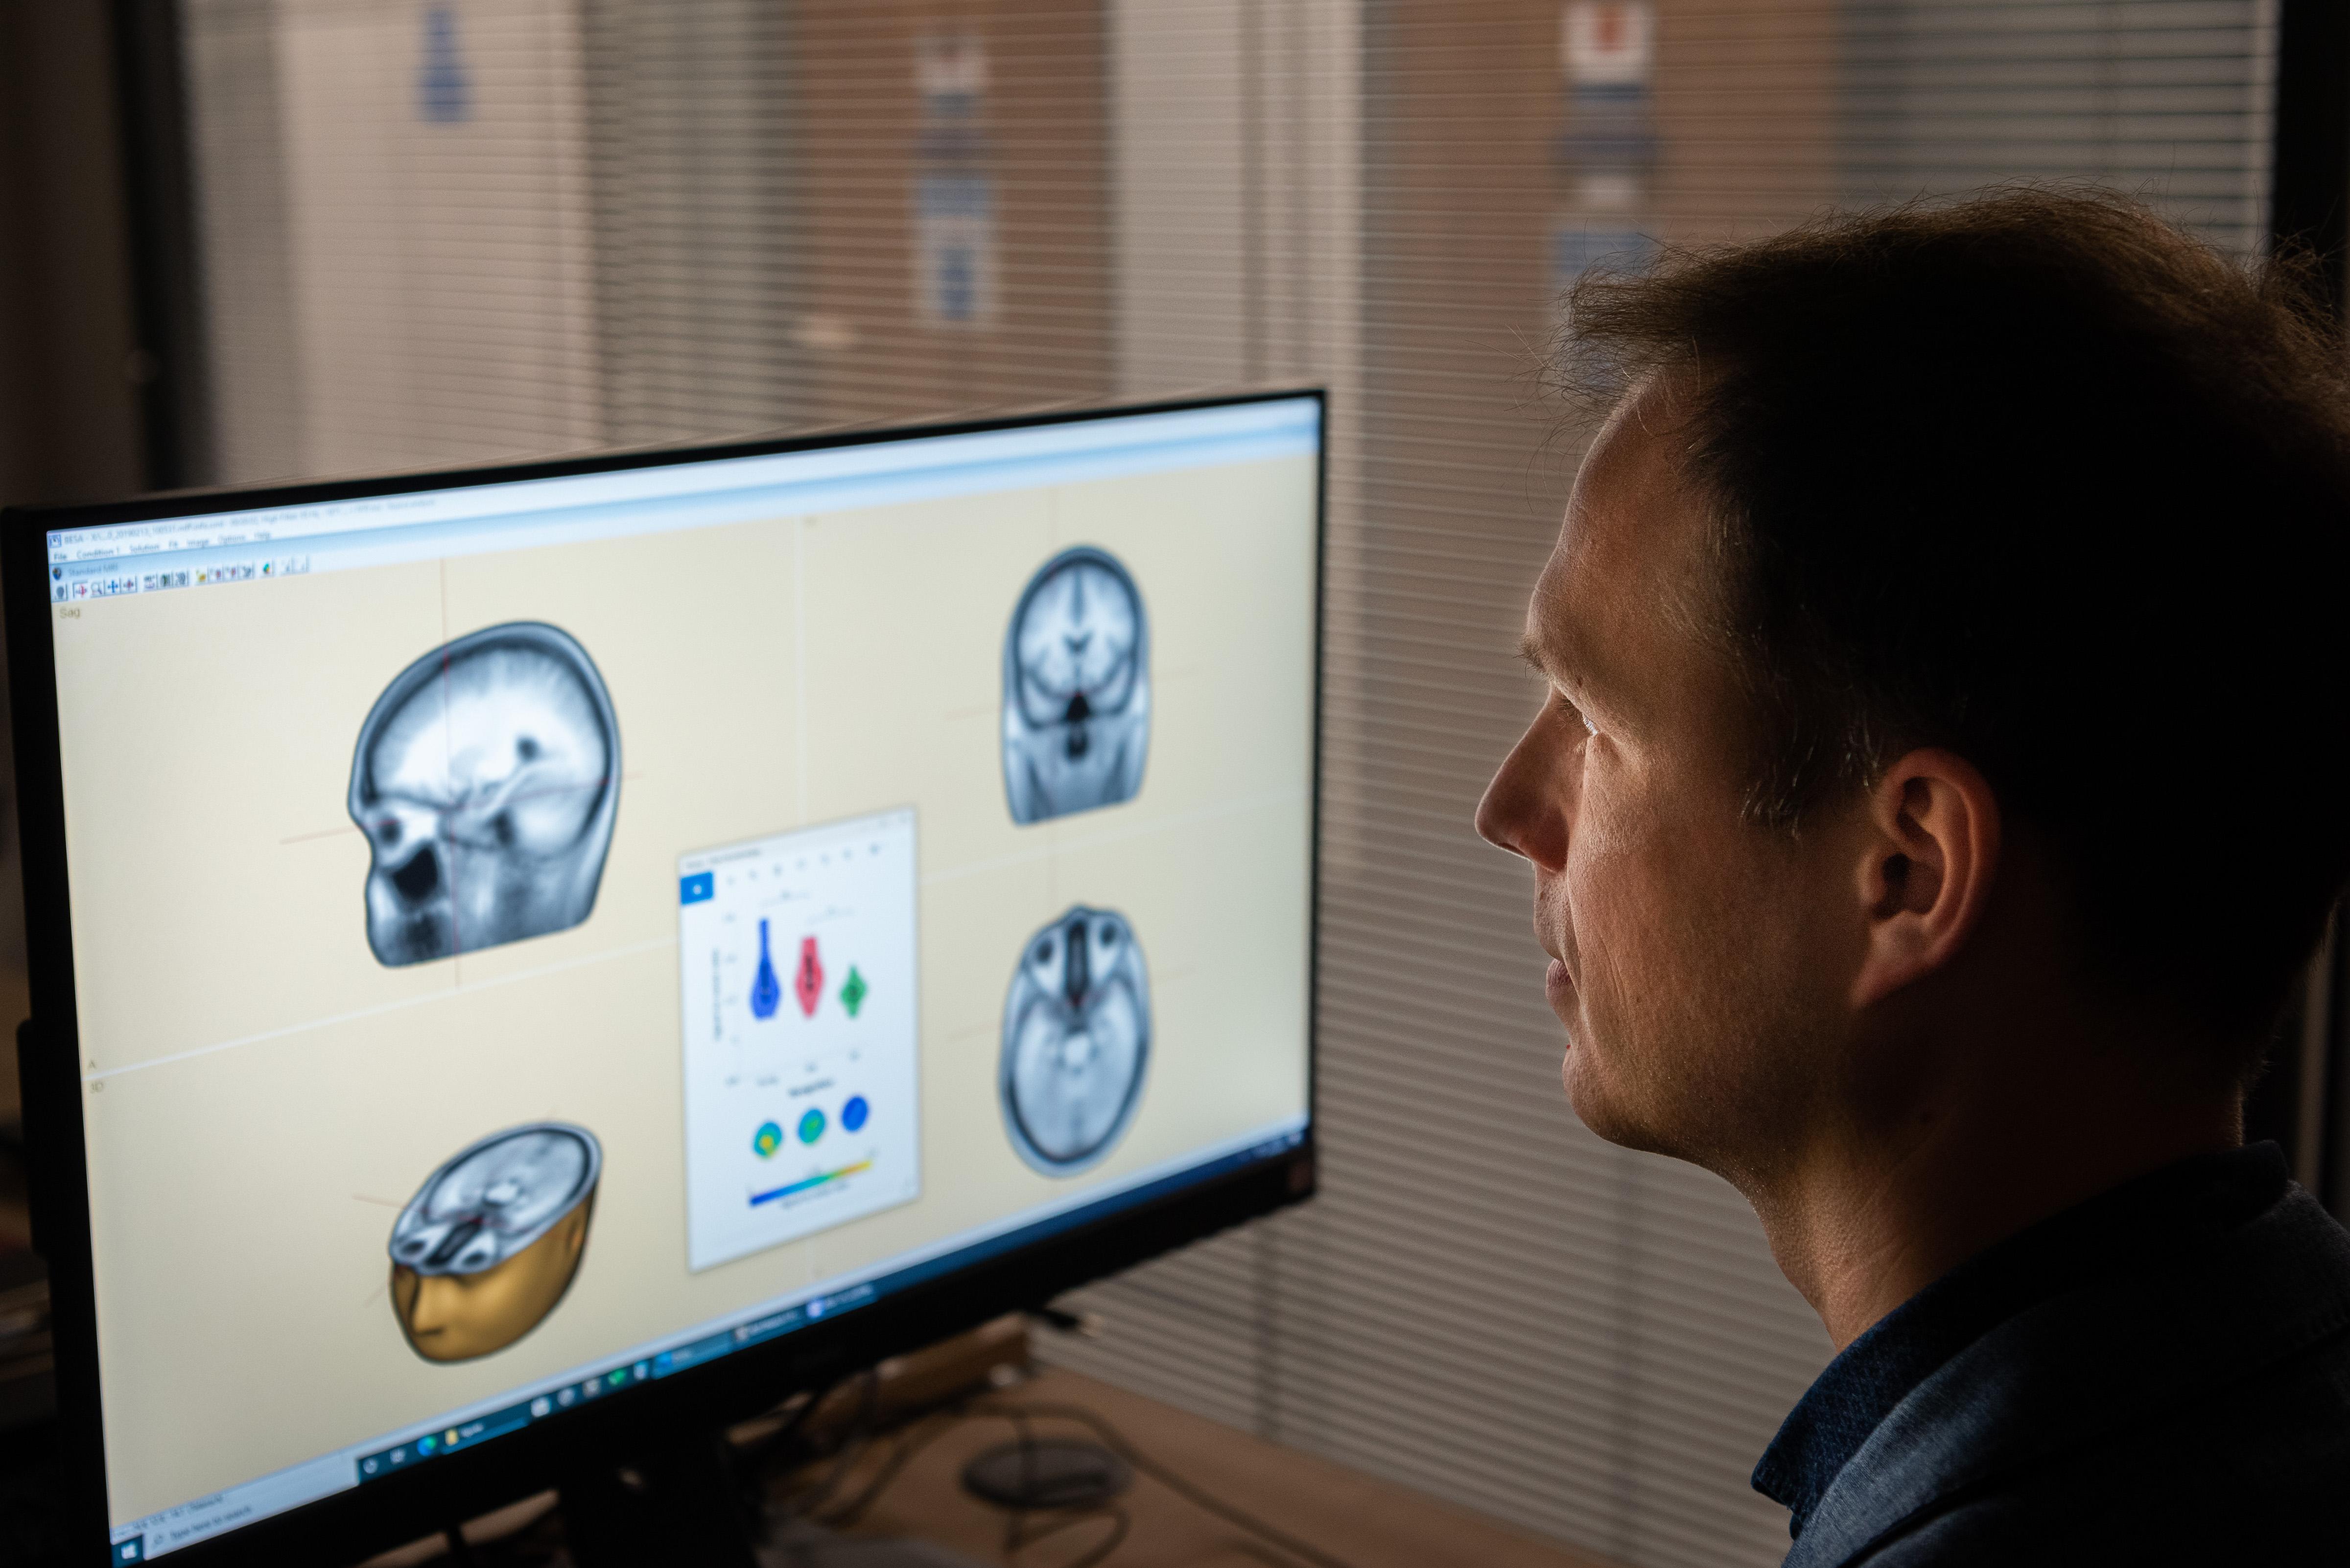 El investigador principal, el Dr. George Stothart, examina los resultados de los escáneres cerebrales (Nic Delves Broughton / University of Bath / PA)